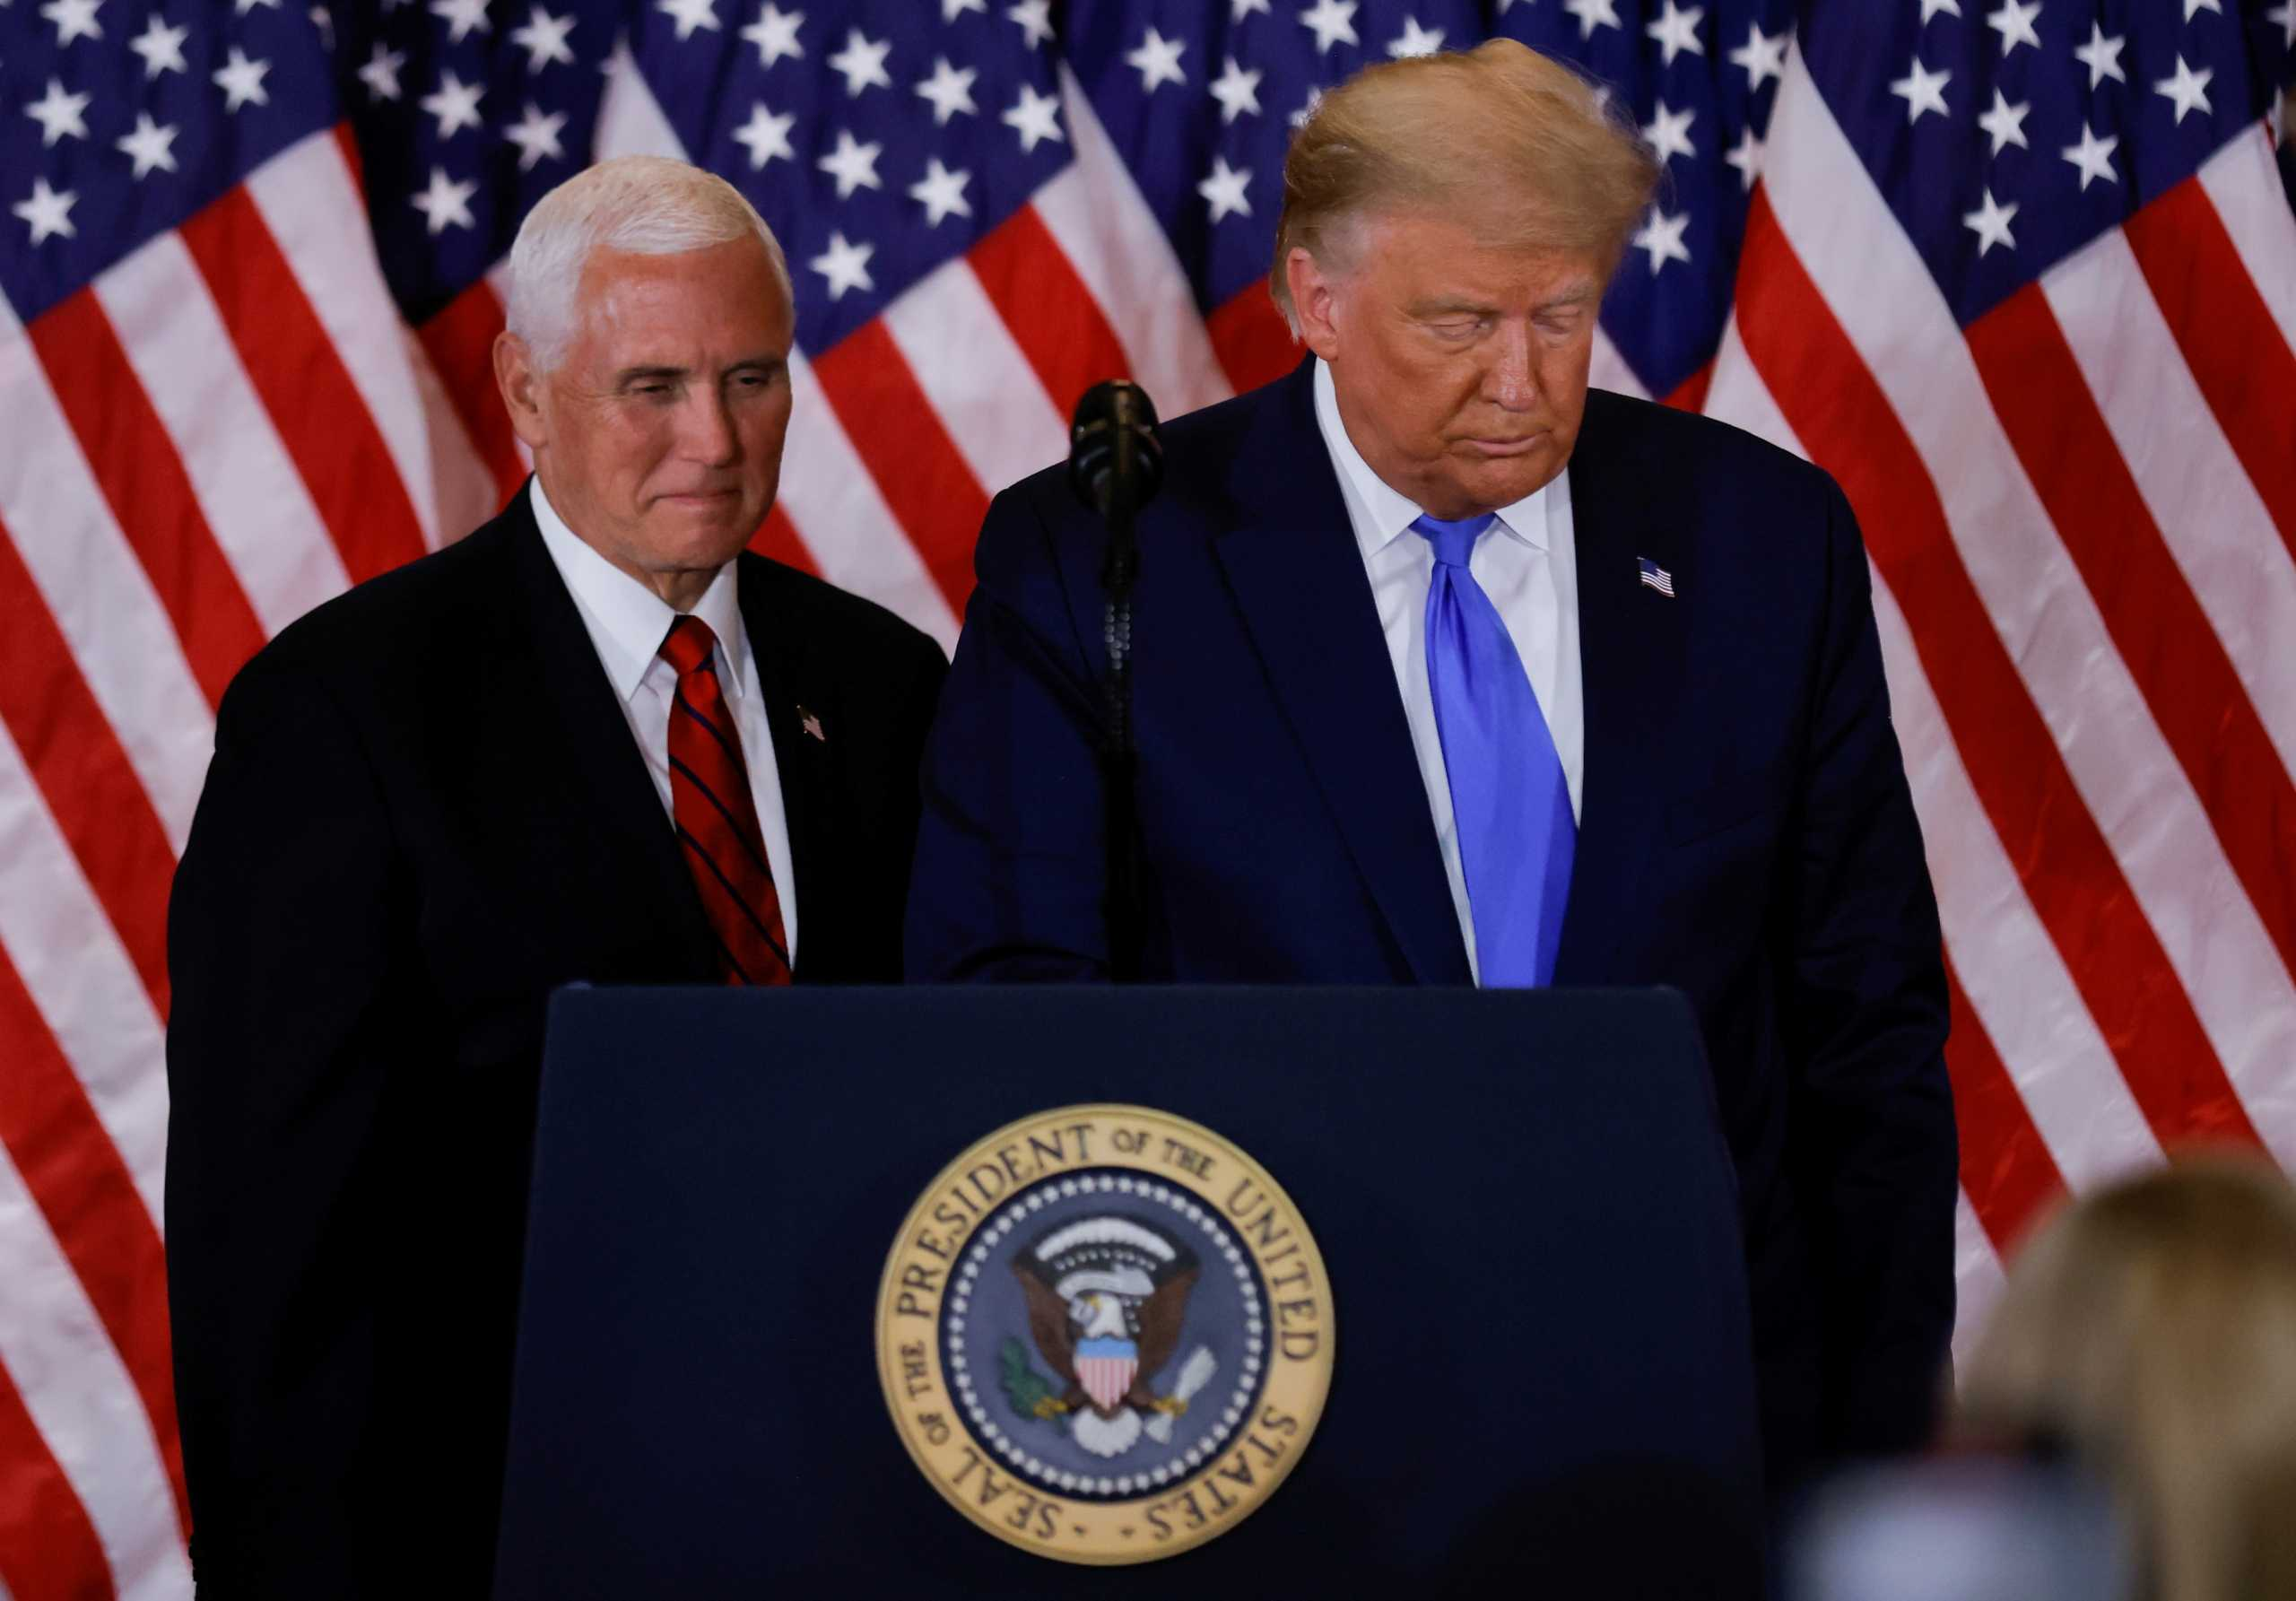 Δημοκρατικοί σε Πενς: Απομάκρυνε τώρα τον Τραμπ - Αυτές είναι οι κατηγορίες που του προσάπτουν